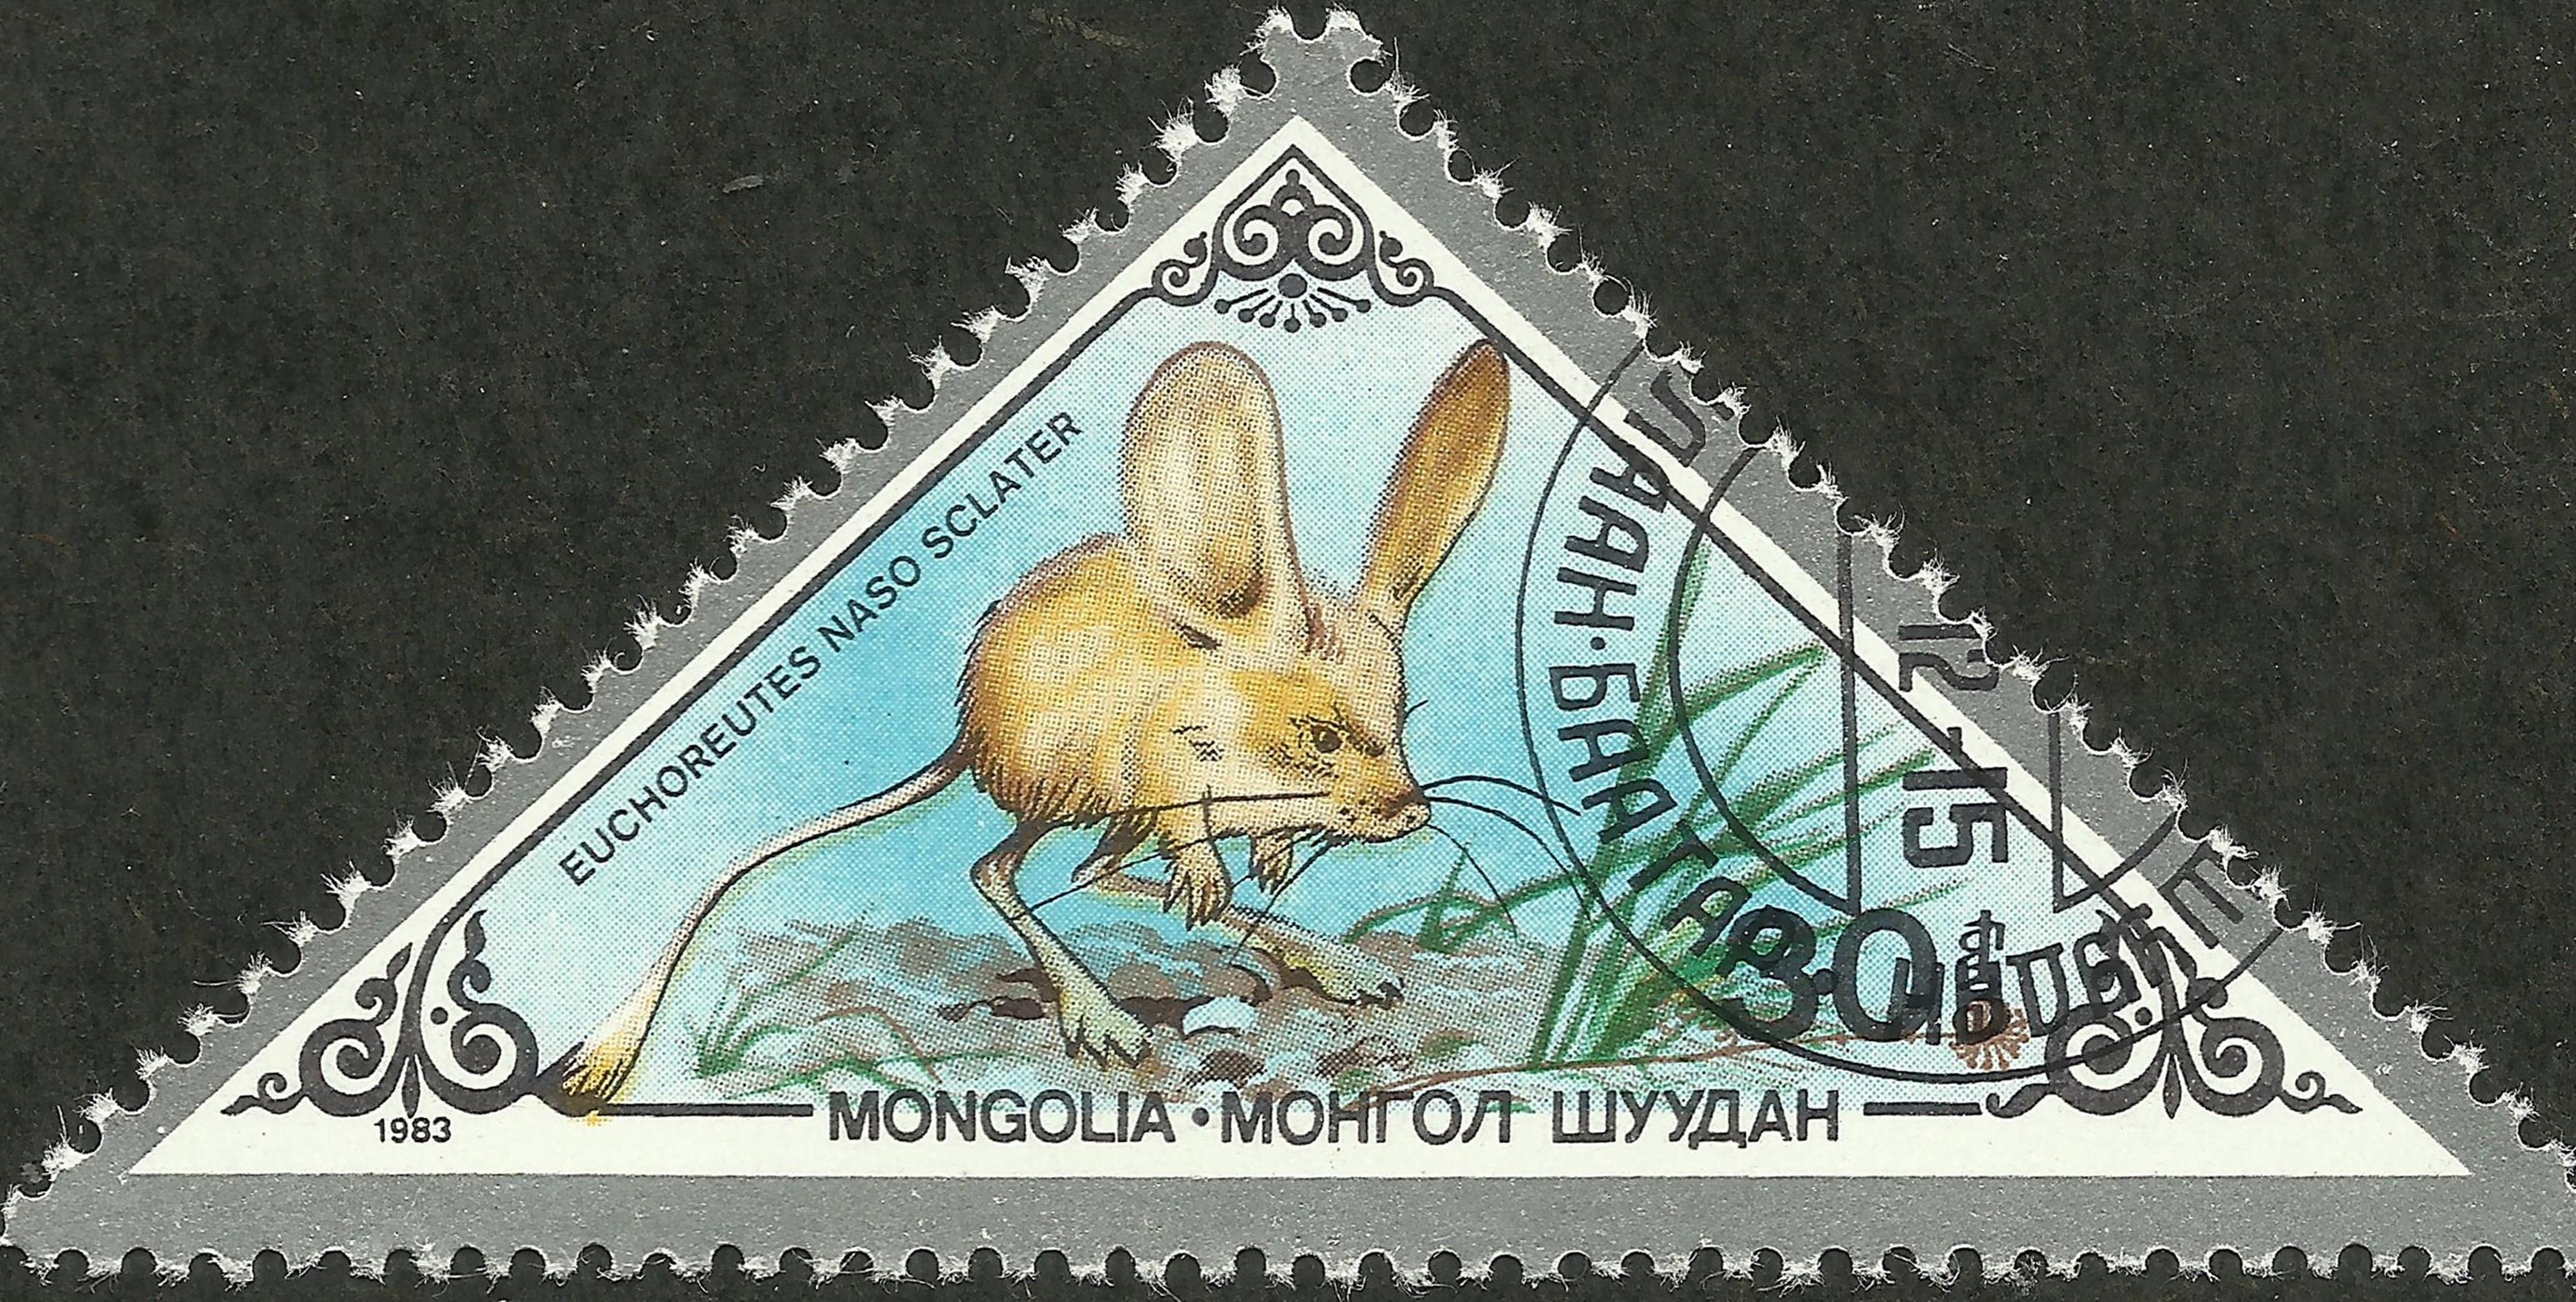 Mongolia #1341 (1984)